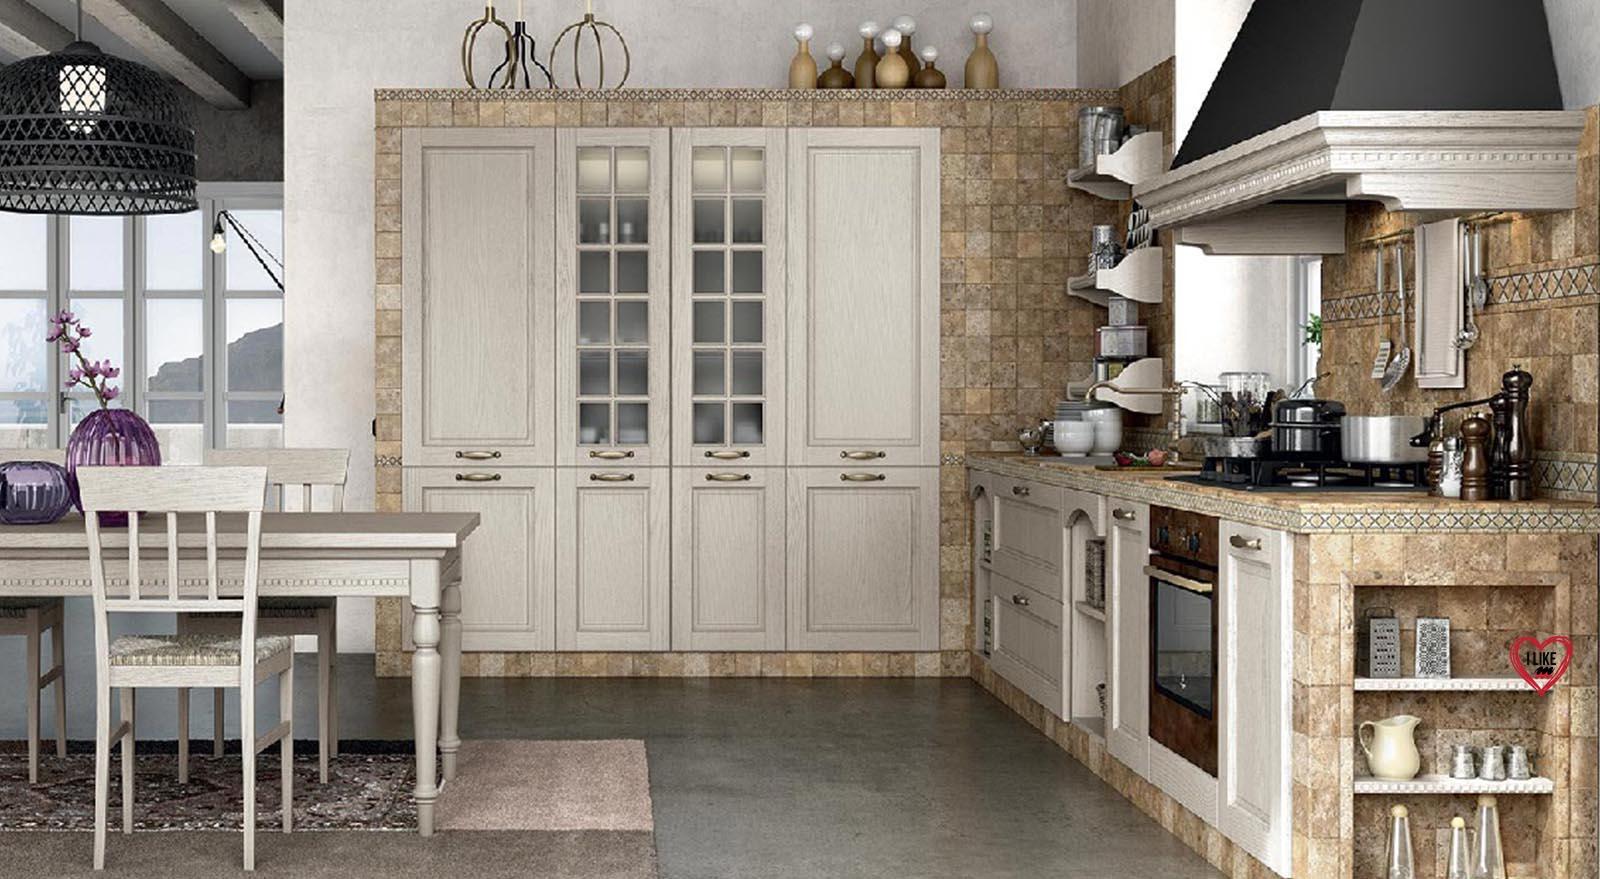 Costi cucina in muratura emejing with costi cucina in muratura cool una cucina in muratura - Costo cucine in muratura ...